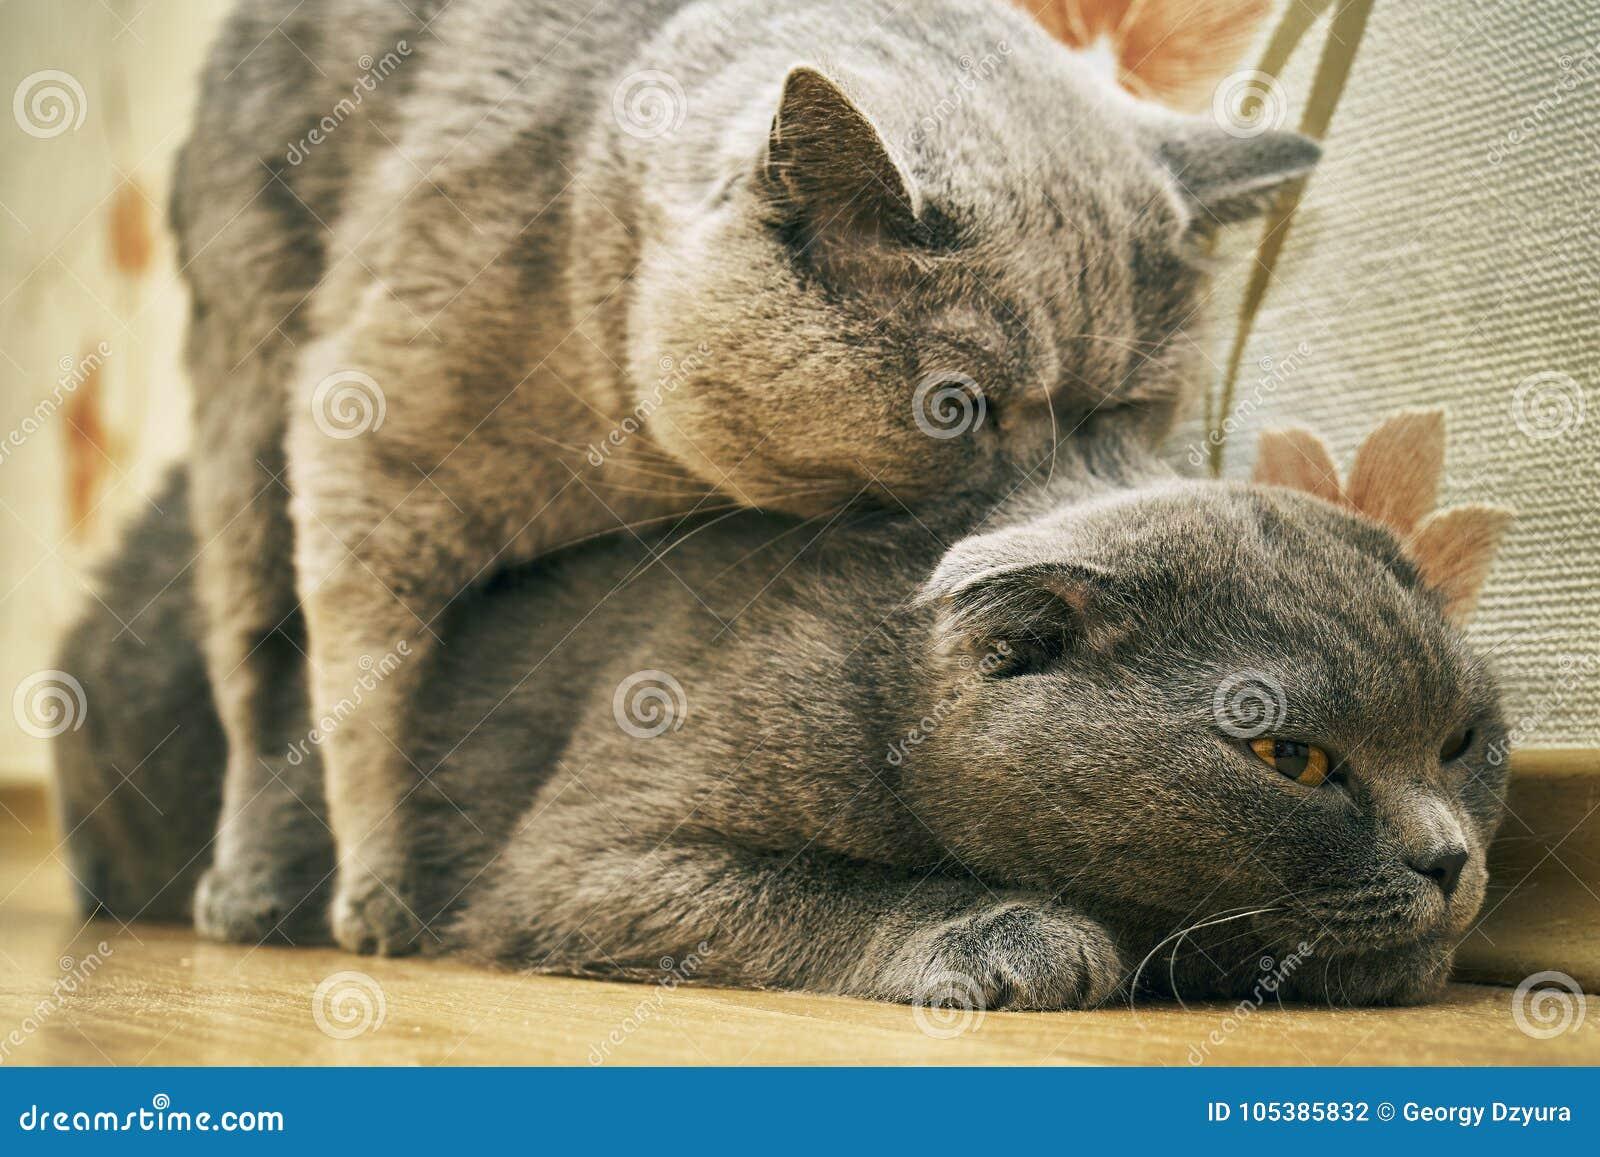 Como hacen el amor los gatos [PUNIQRANDLINE-(au-dating-names.txt) 43